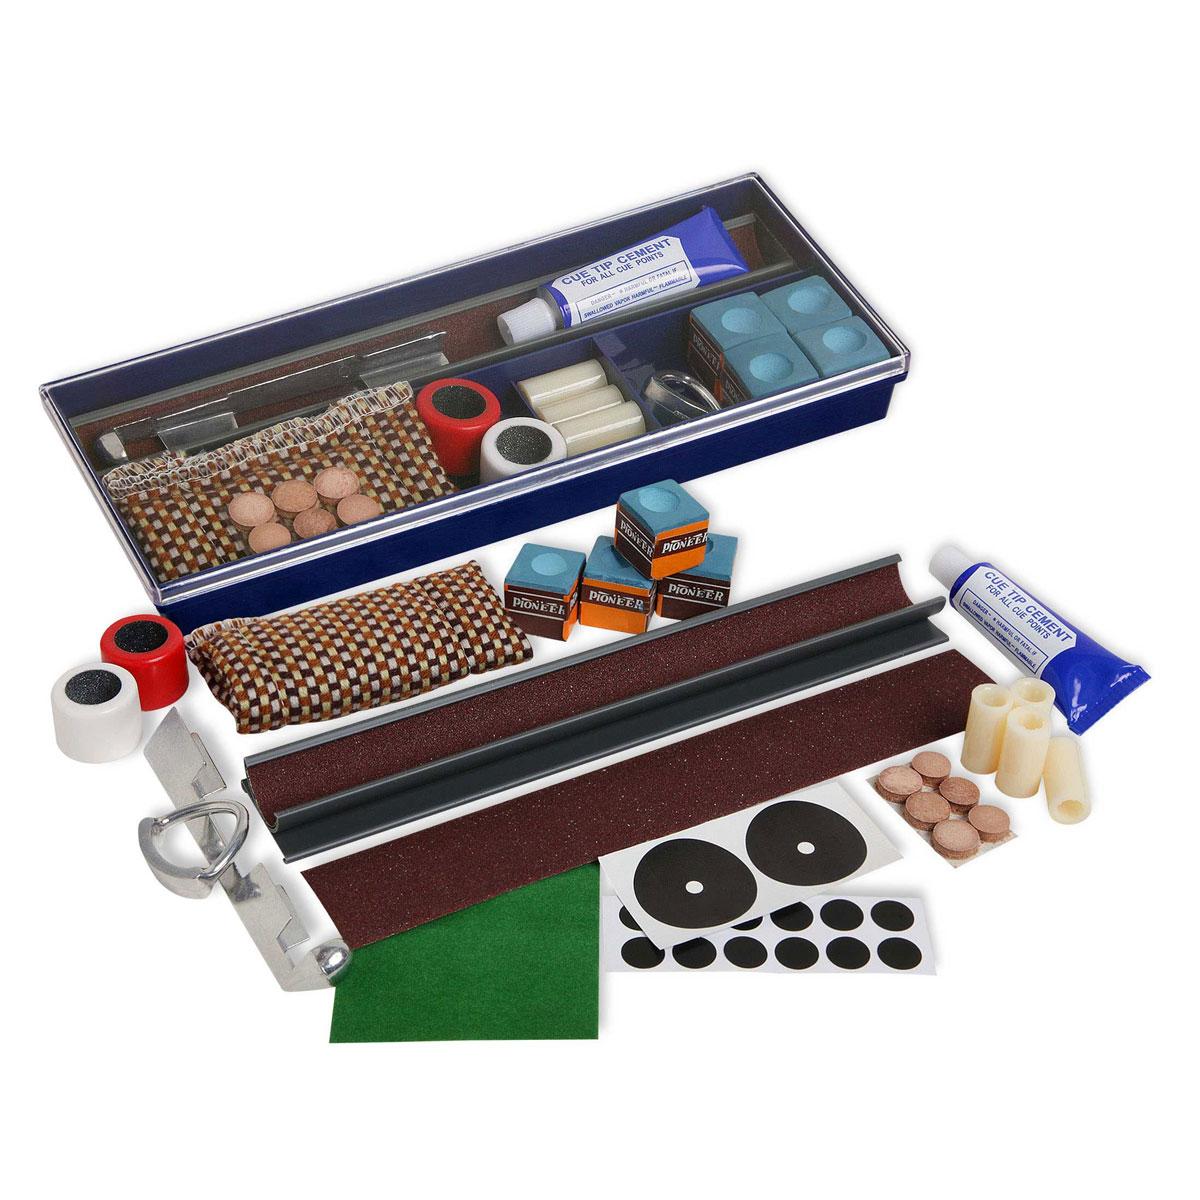 Набор для ремонта кия Fortuna Cue Repair Kit RT-350332515-2800Комплект для ремонта кия Fortuna Cue Repair Kit RT-350 включает в себя все, что необходимо для поддержания кия в рабочем состоянии. В комплект для ремонта кия входят:Мел Pioneer, синий - 4 шт.Муфта абразивная для обработки шафта - 1 шт.Фиксатор для приклеивания наклейки - 1 шт.Инструмент для обработки наклейки - 2 шт.Триммер STD-5 - 1 шт.Сменный абразив для триммера - 1 шт.12 мм втулки для кия - 2 шт.13 мм втулки для кия - 2 шт.Наклейки 12 мм - 3 шт.Наклейки 13 мм - 3 шт.35 мм самоклеящаяся метка - 2 шт.12 мм самоклеящаяся метка - 12 шт.Клей для наклеек, 20 г - 1 шт.Лента для ремонта сукна (7 х 7 см) - 1 шт.Пластиковый контейнер (24 х 10 х 3 см) - 1 шт.